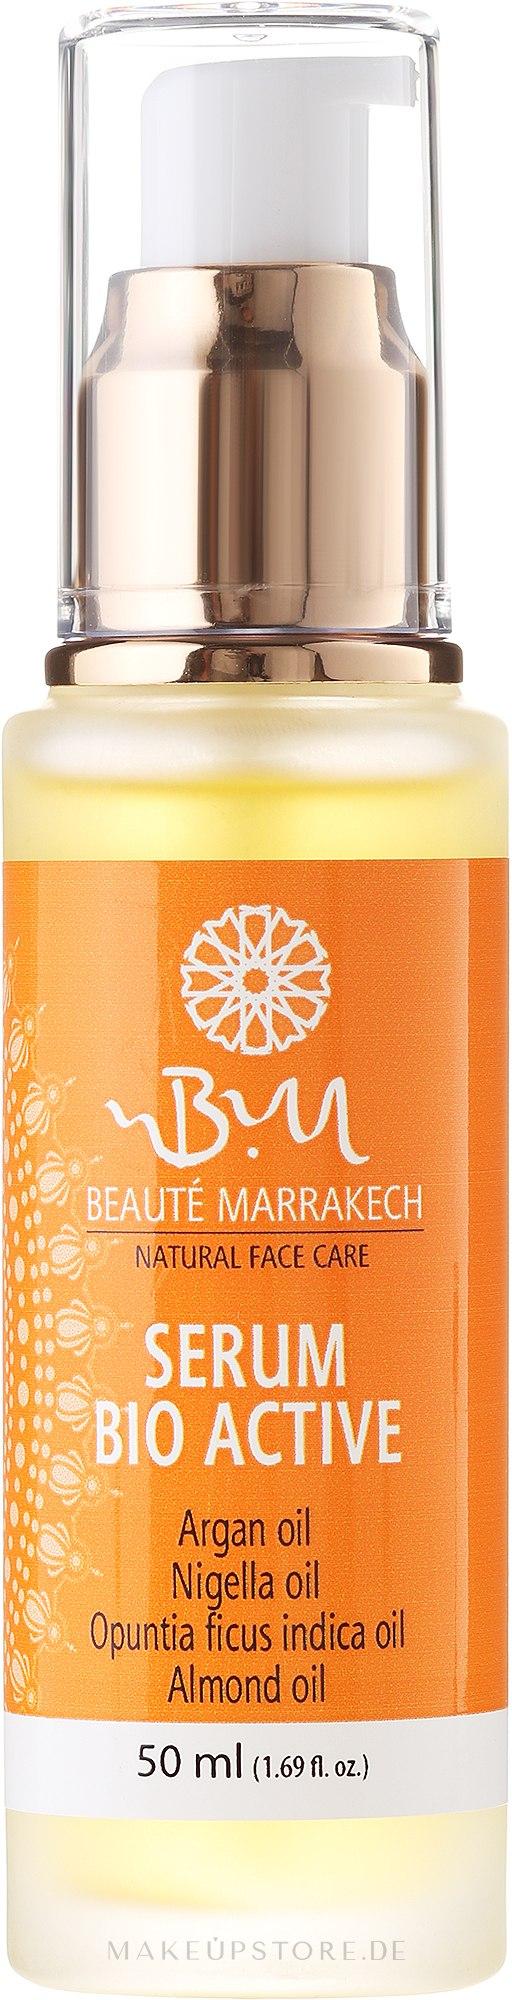 Gesichtsserum - Beaute Marrakech Bio Active Serum — Bild 50 ml